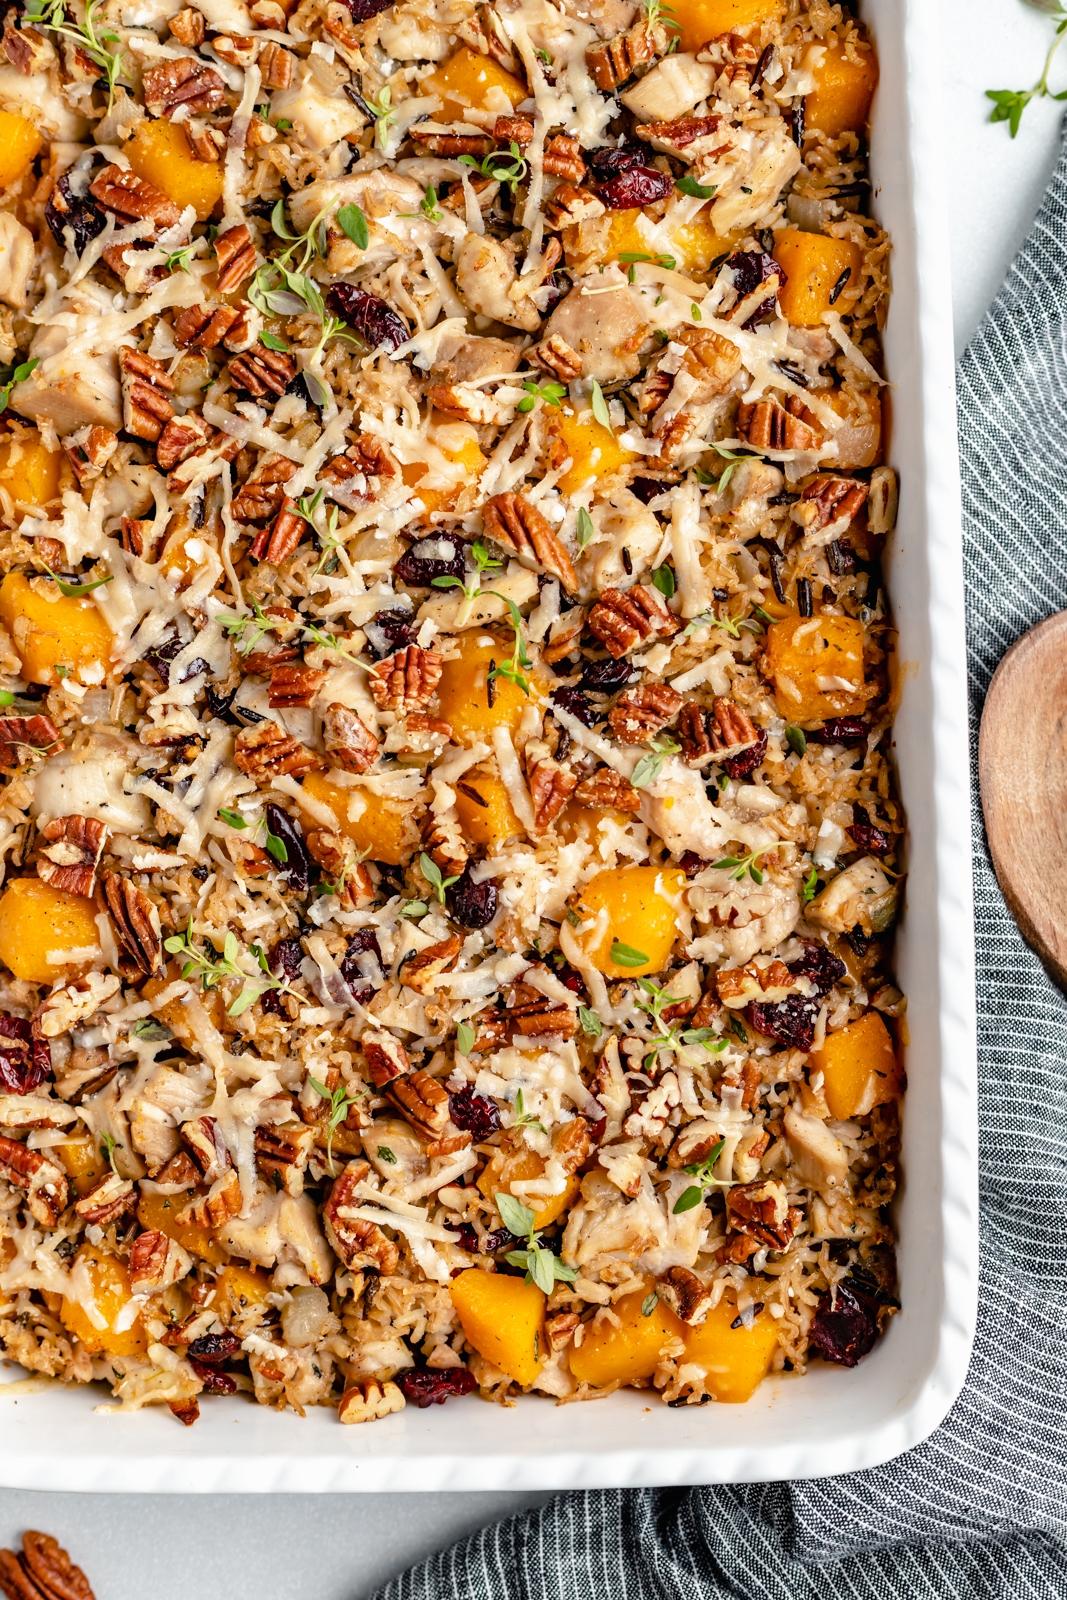 chicken wild rice casserole in a baking dish